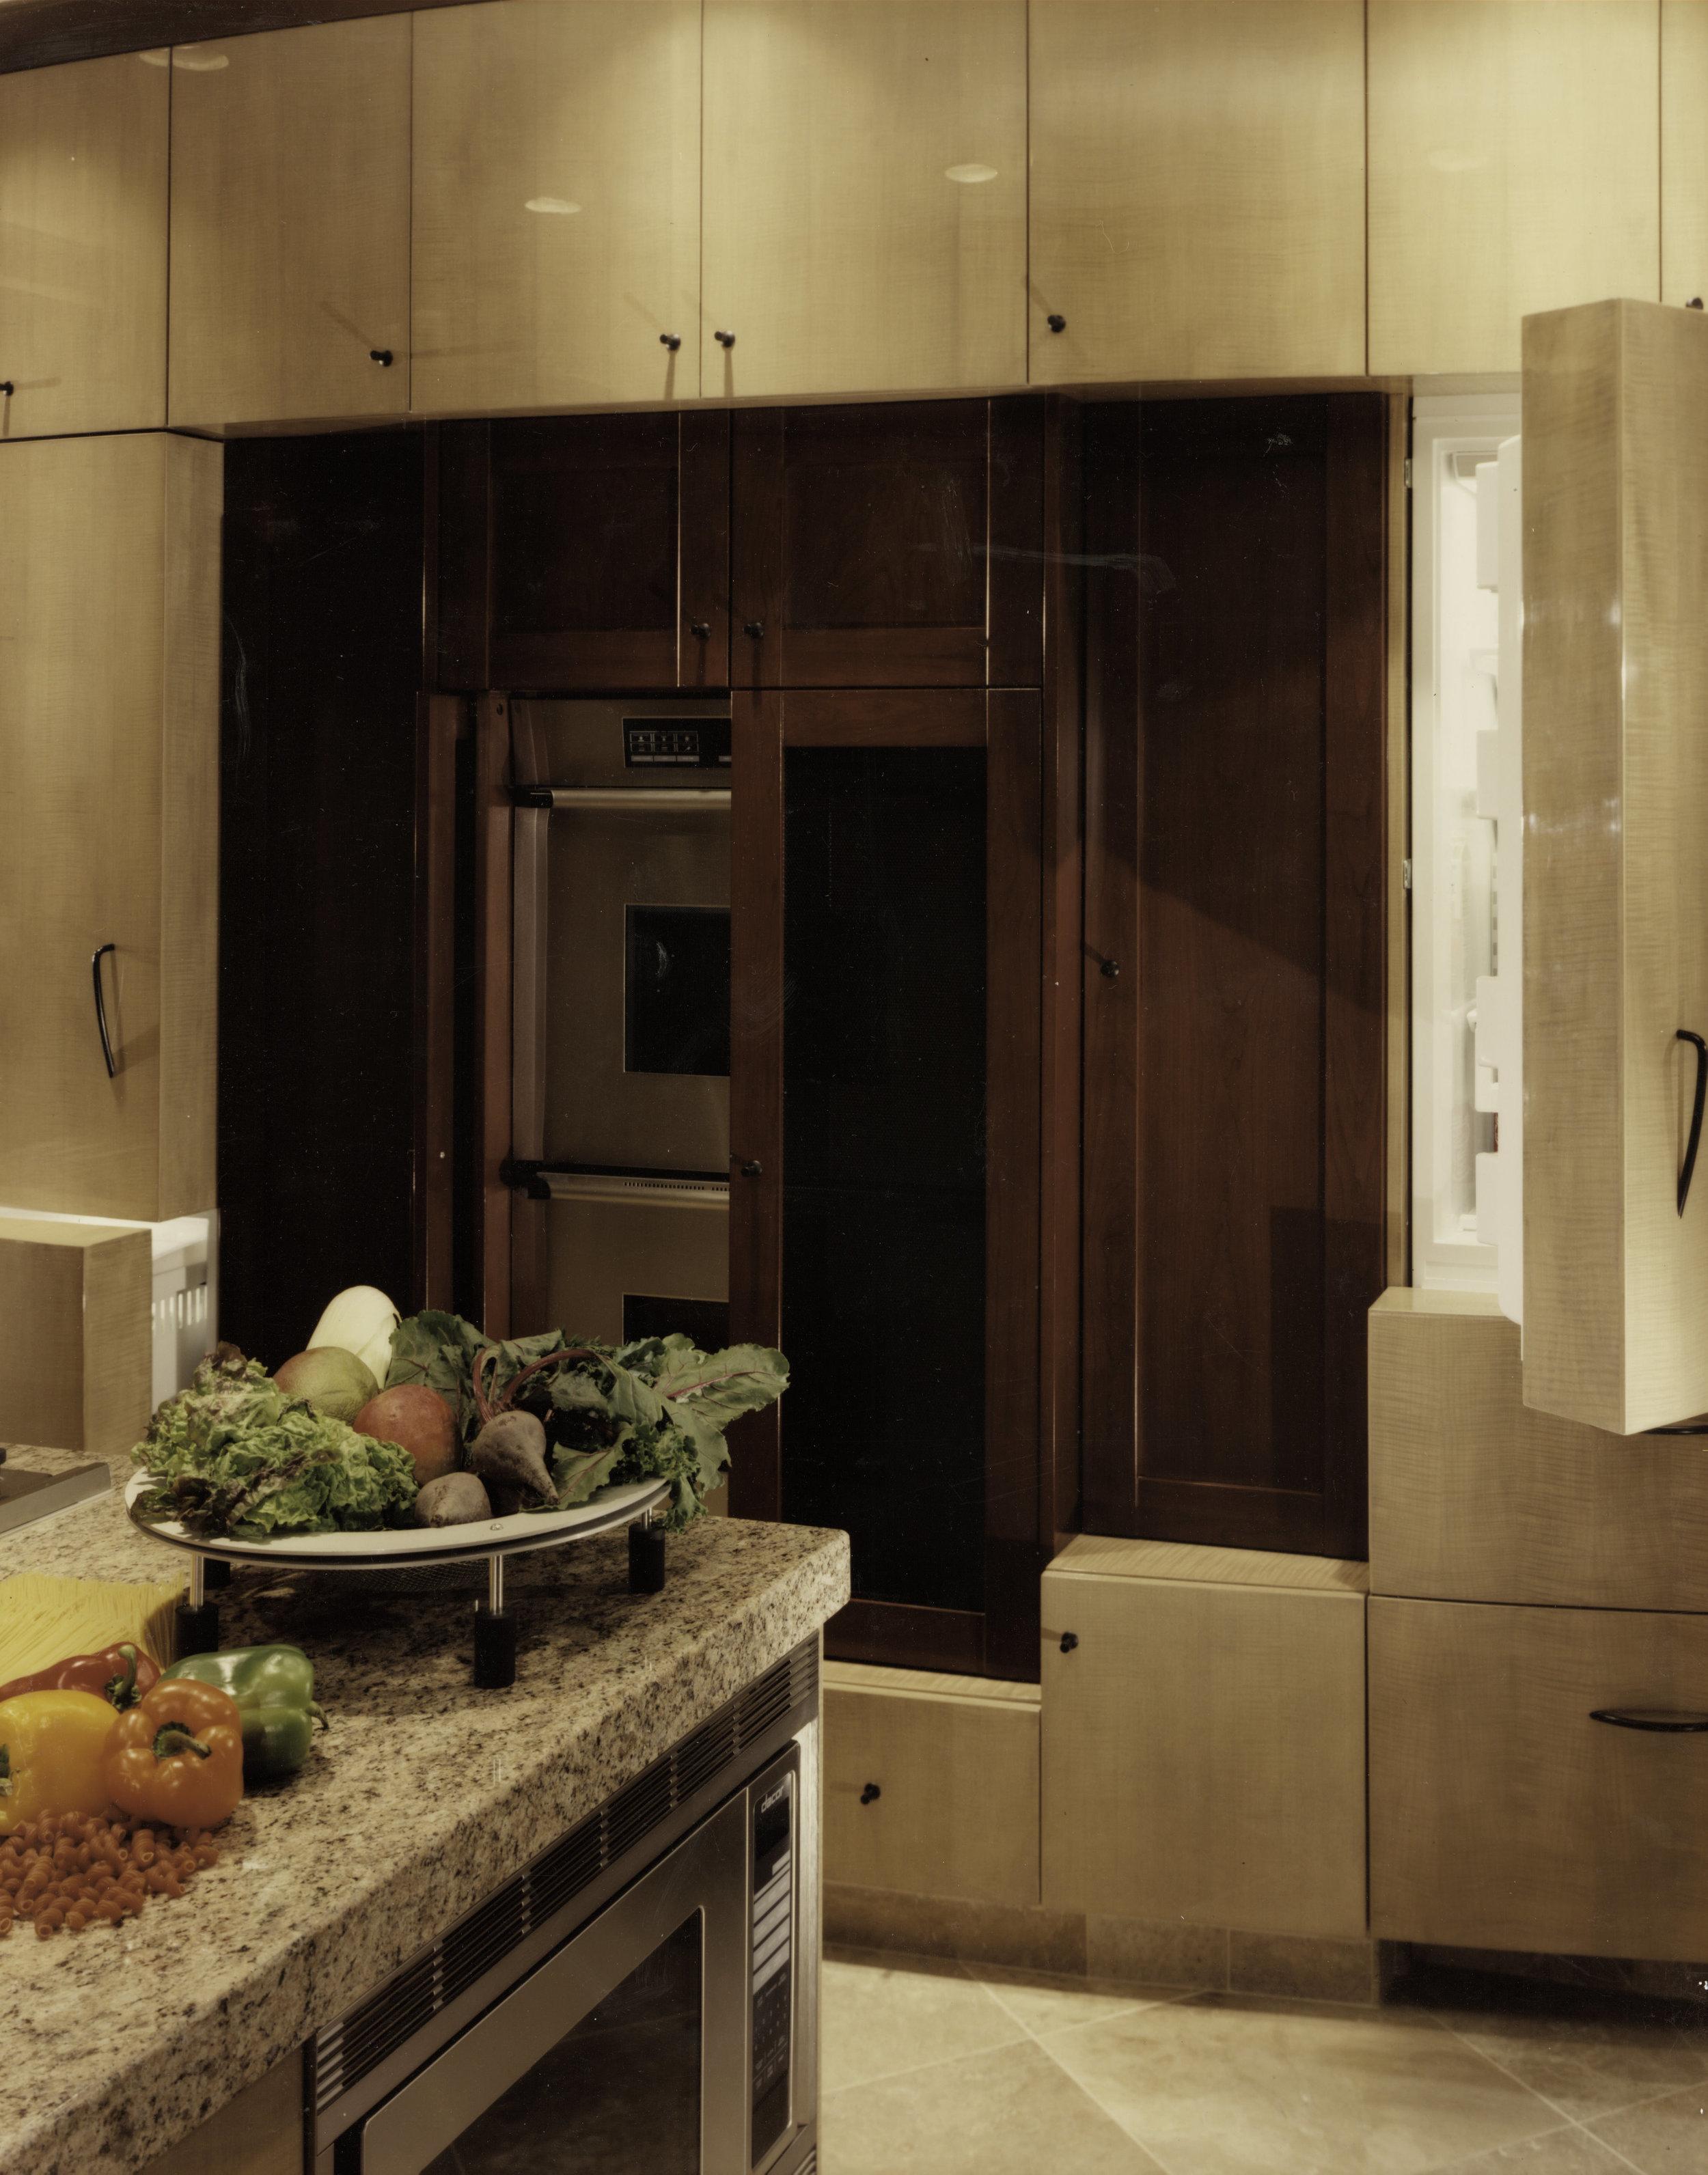 kitchens c becker.jpg